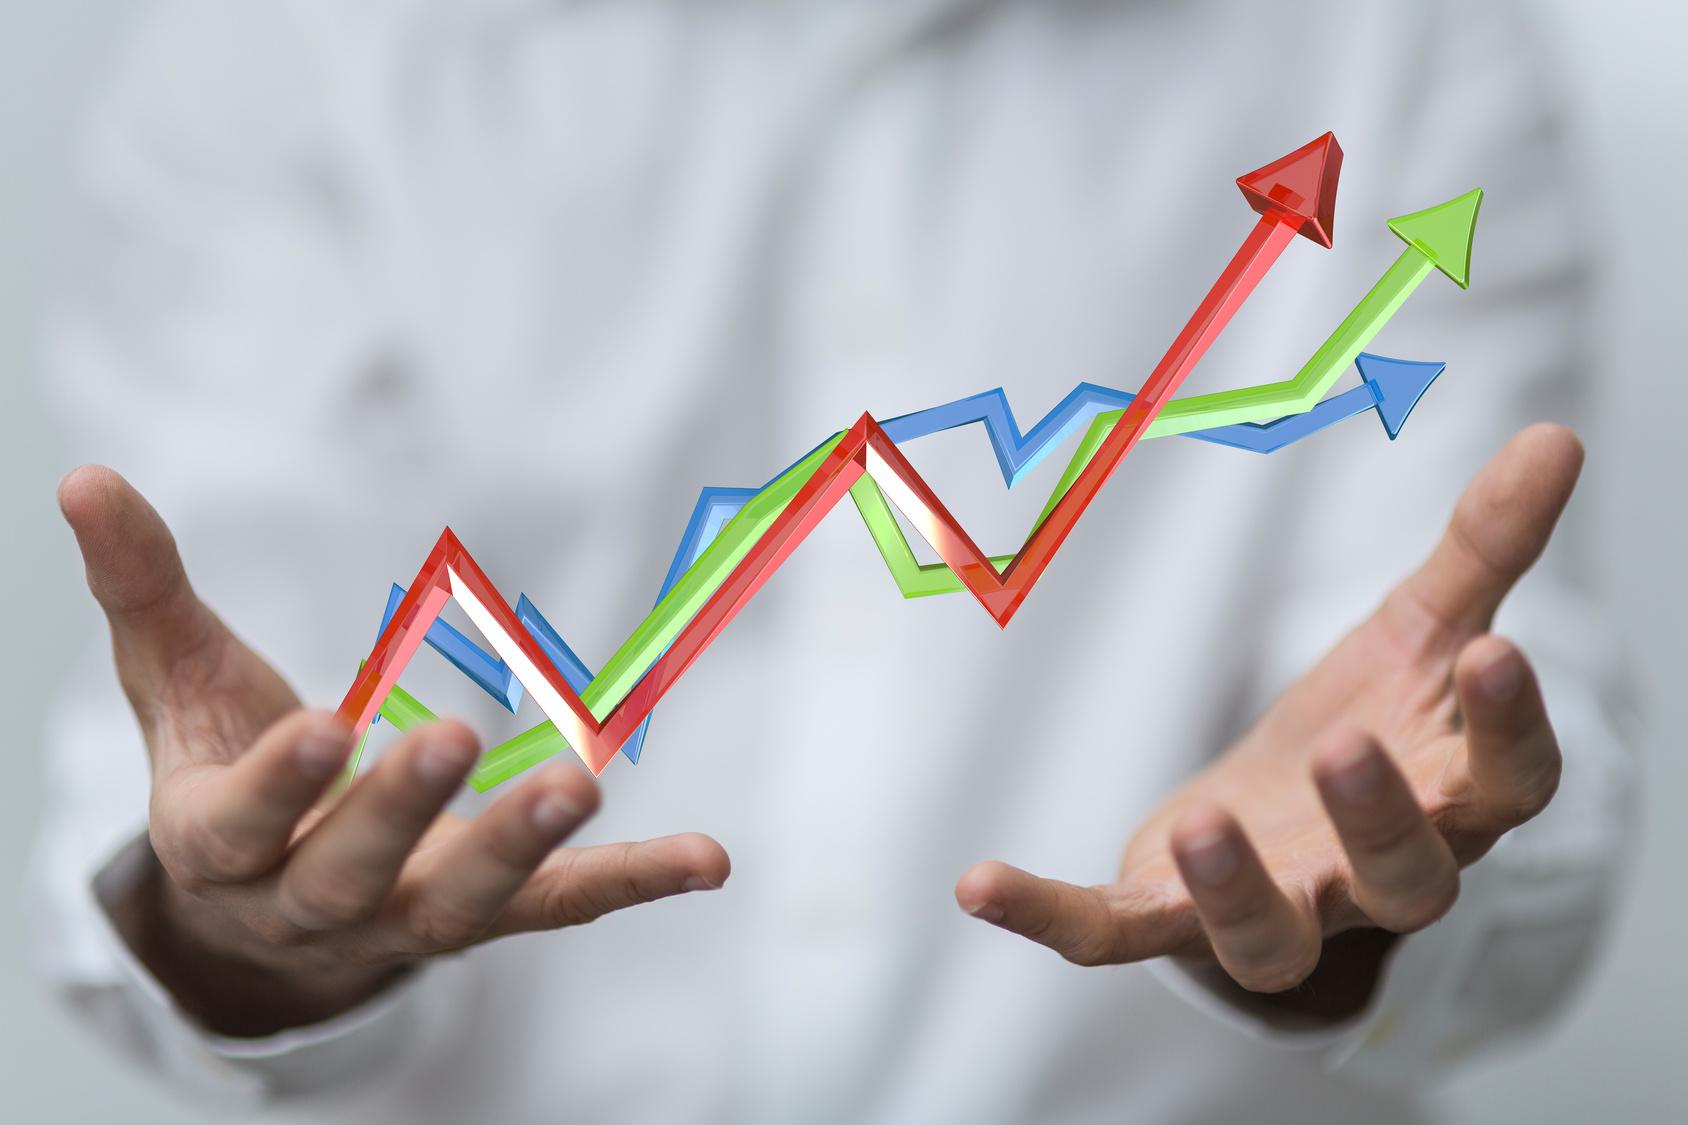 روند صعودی معاملات بازار سهام/ کانال ۱.۶ میلیون واحد بازهم فتح شد